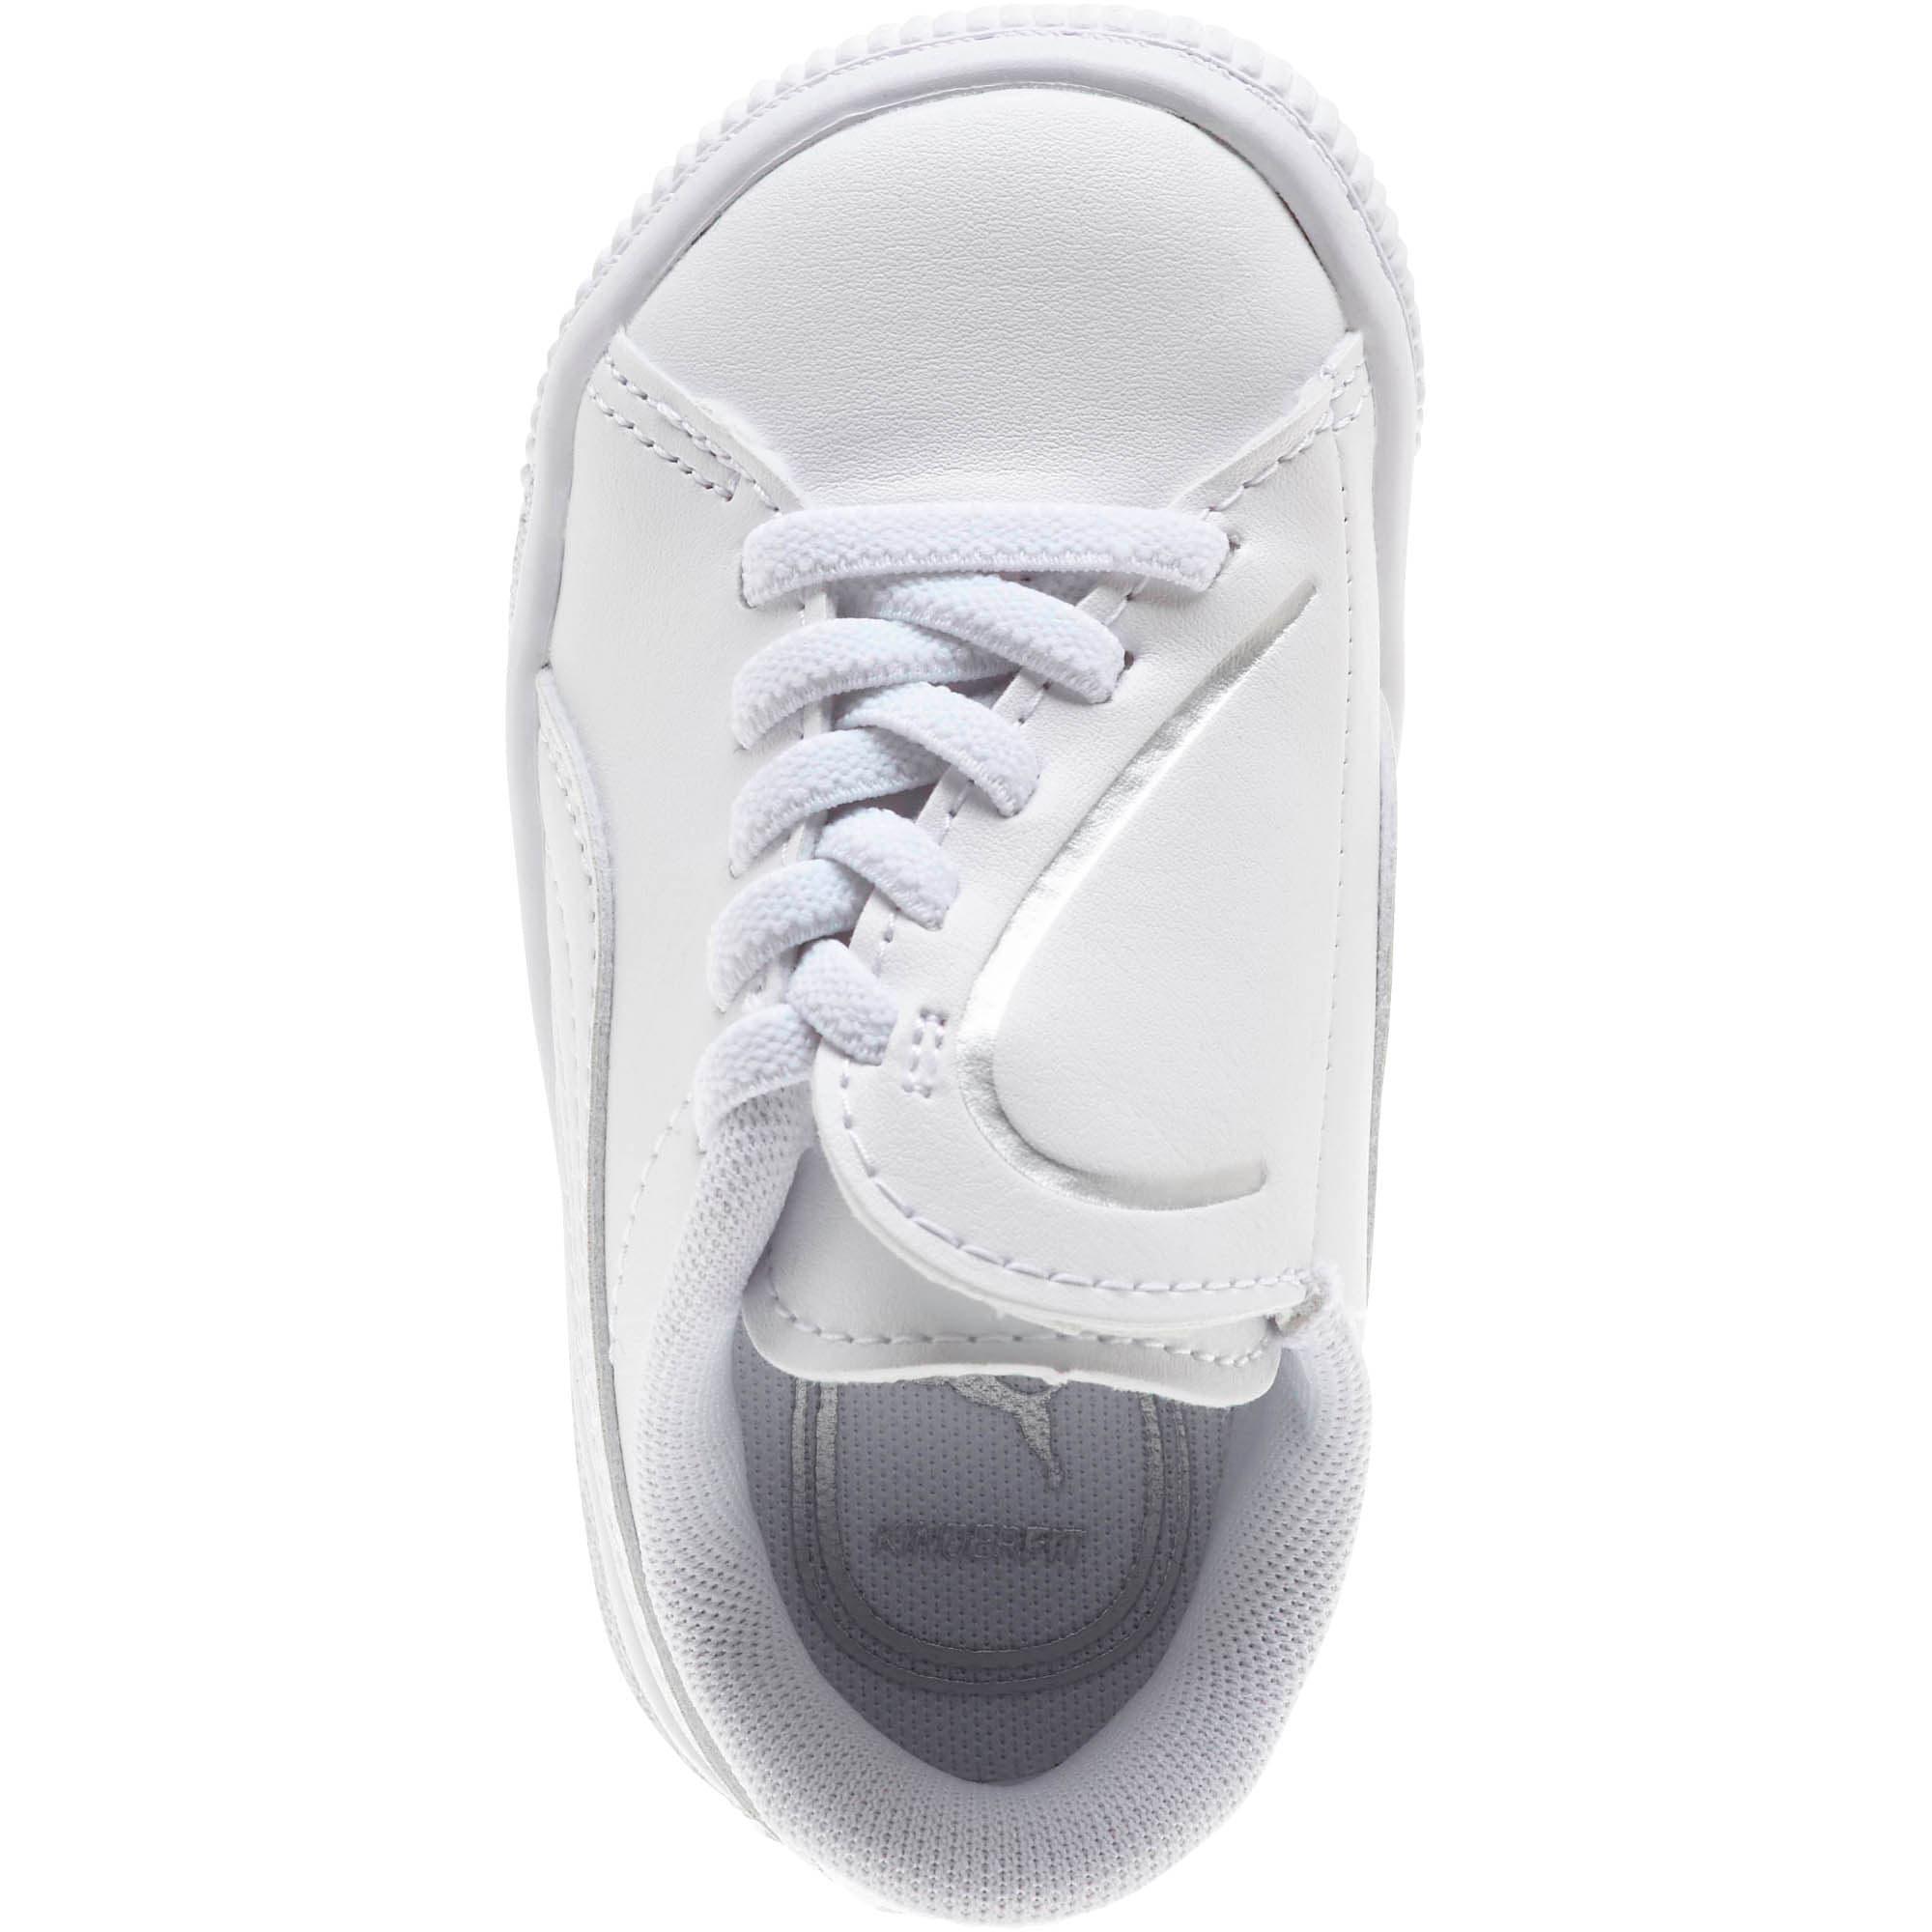 Miniatura 5 de Zapatos Basket Crush AC para bebés, Puma White-Puma Silver, mediano